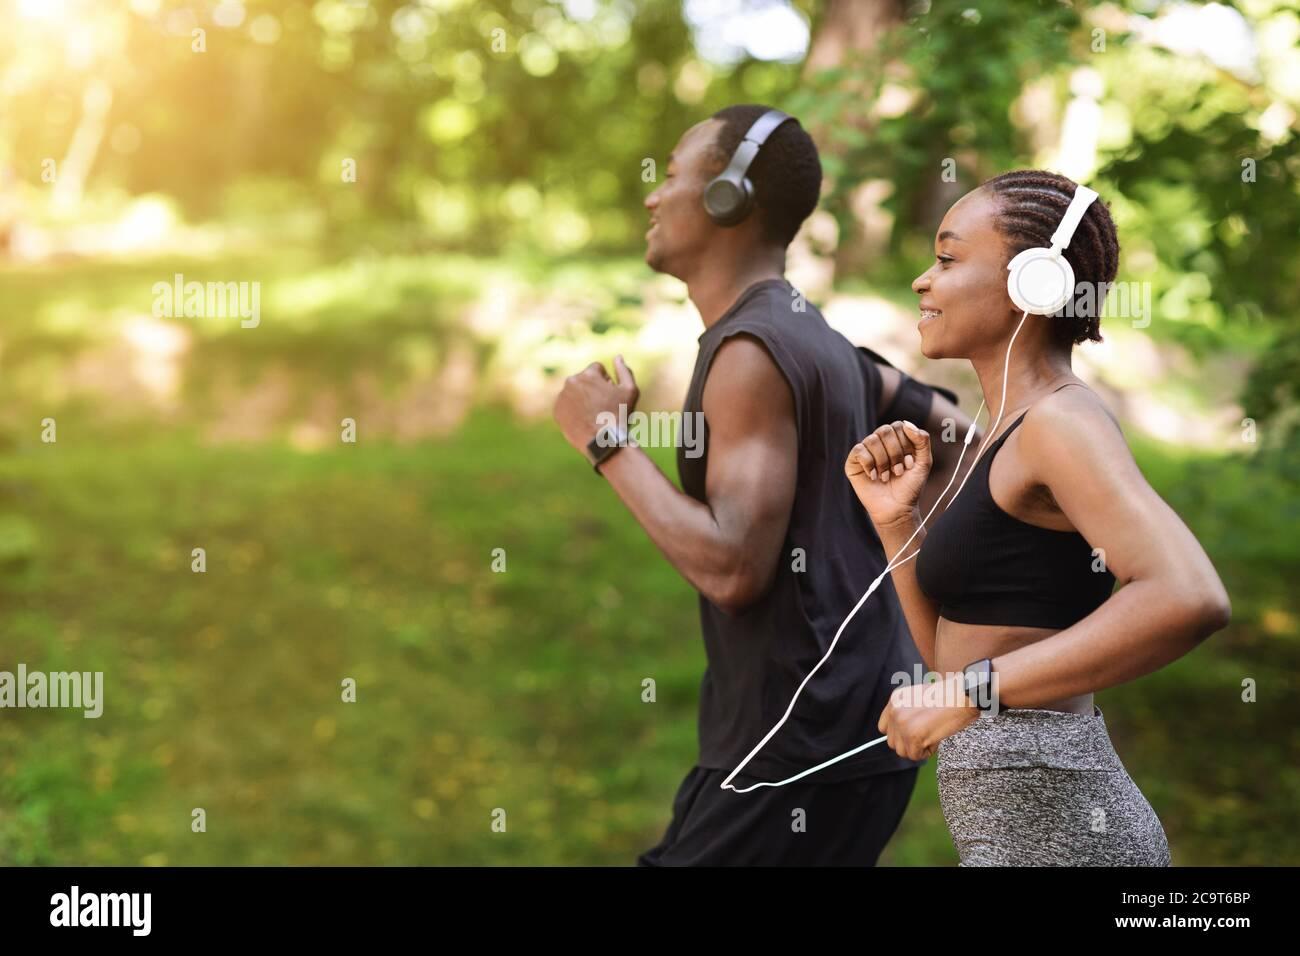 Concept de course matinale. Black sportif Homme et Femme jogging en plein air dans le parc Banque D'Images